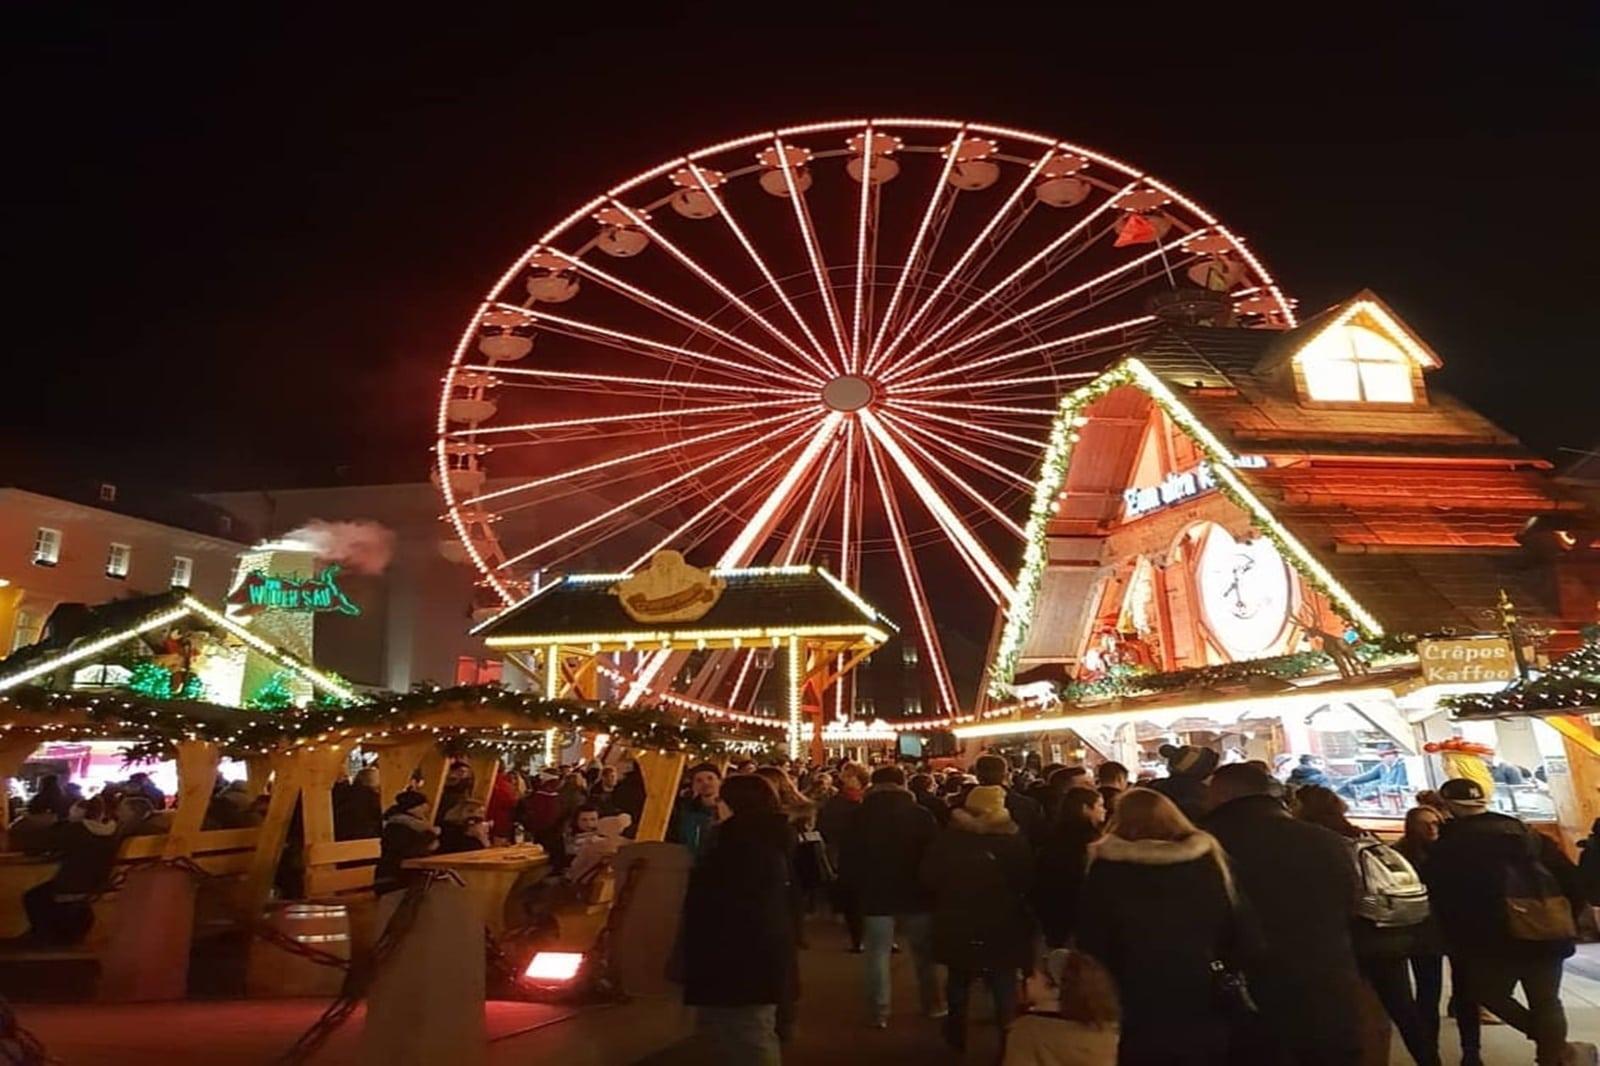 Stände Weihnachtsmarkt.Das Sind Die Schönsten Stände Auf Dem Karlsruher Weihnachtsmarkt